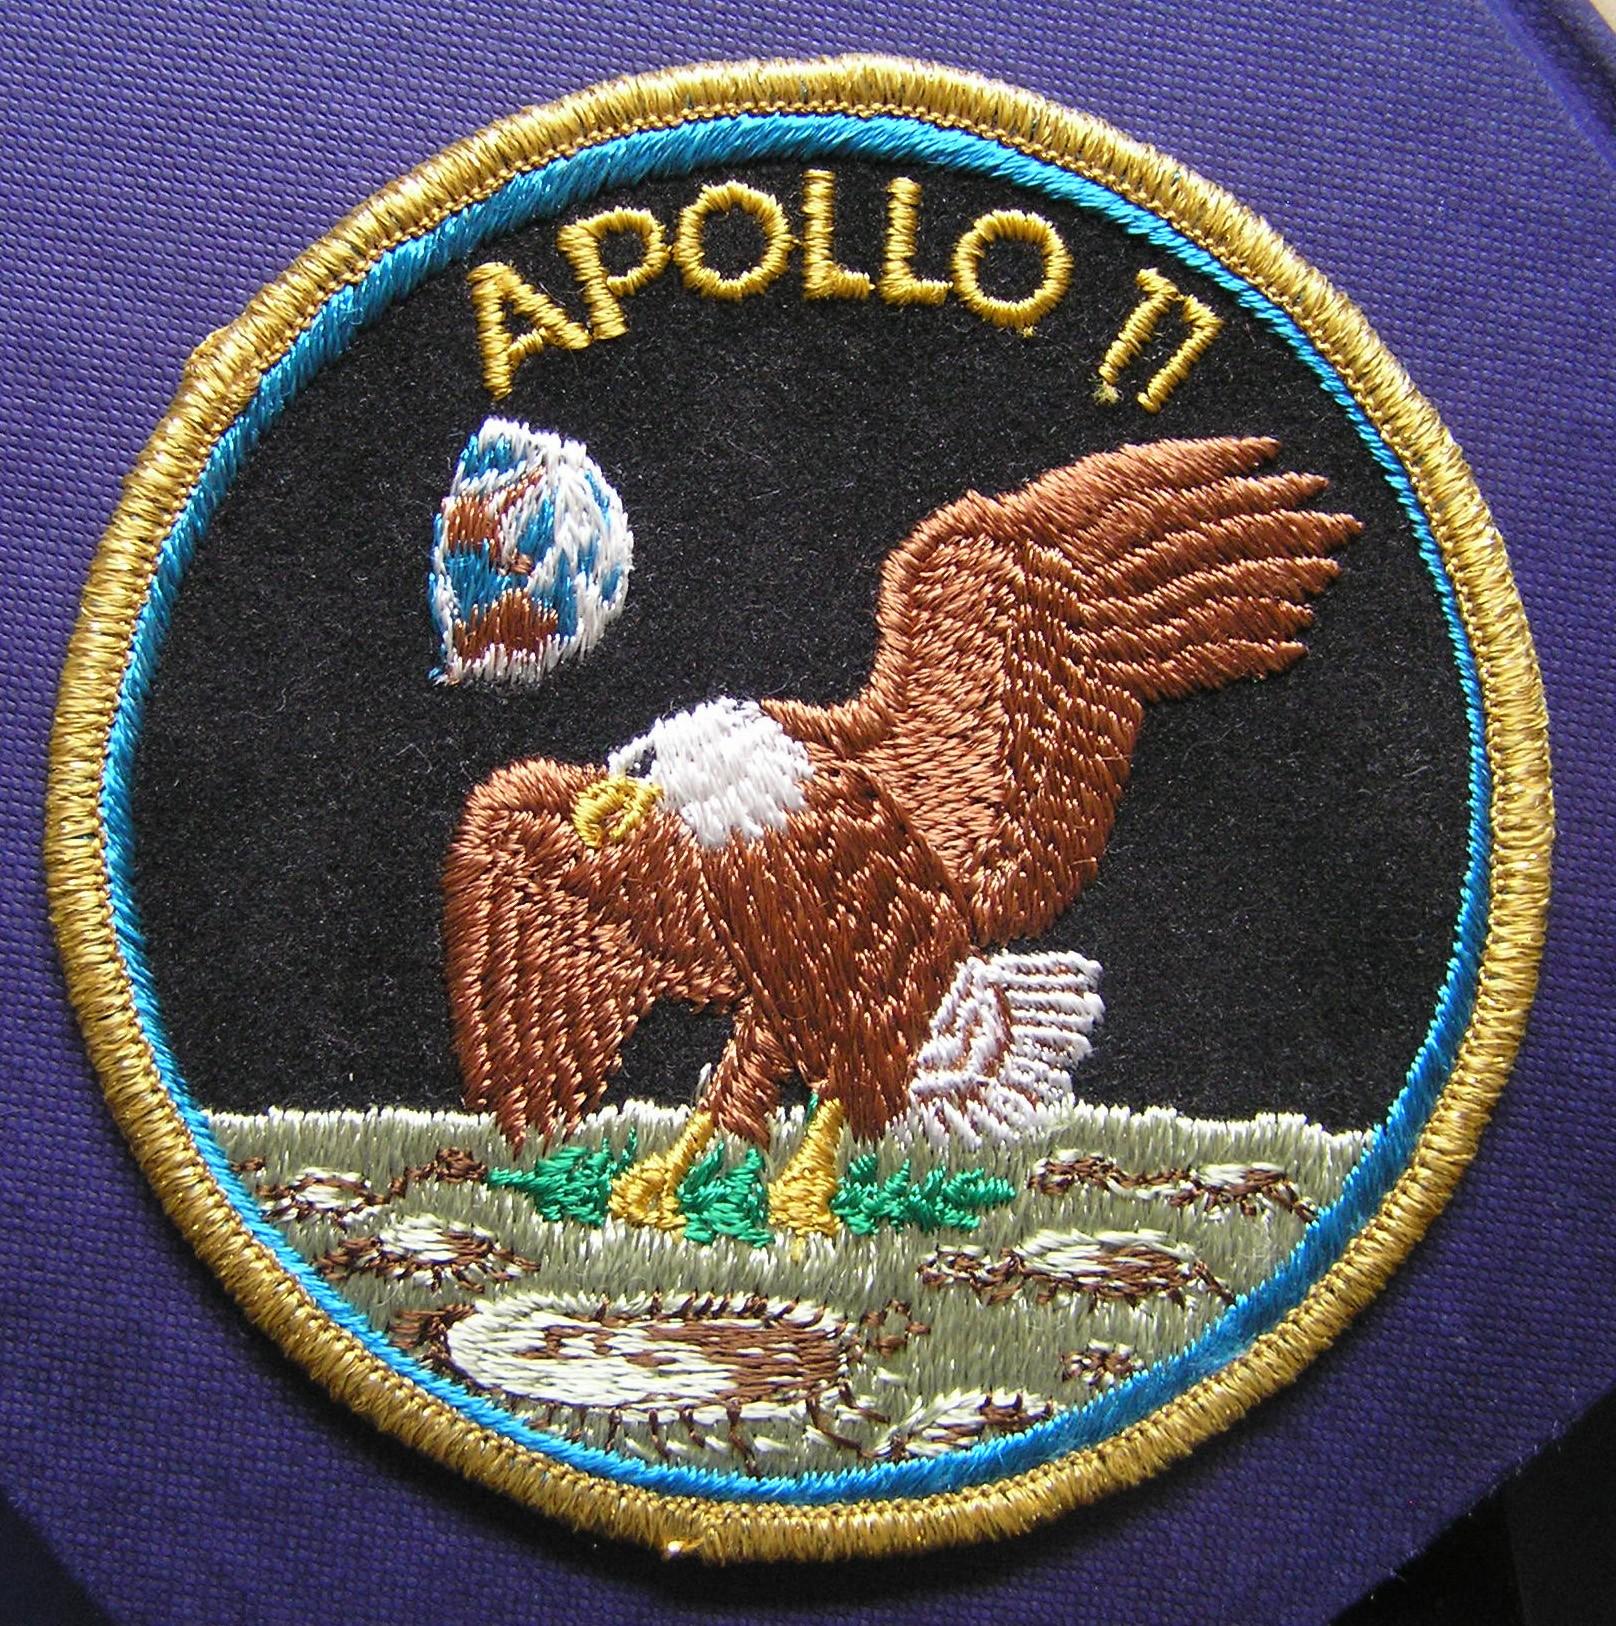 mission patch apollo 11 - photo #3